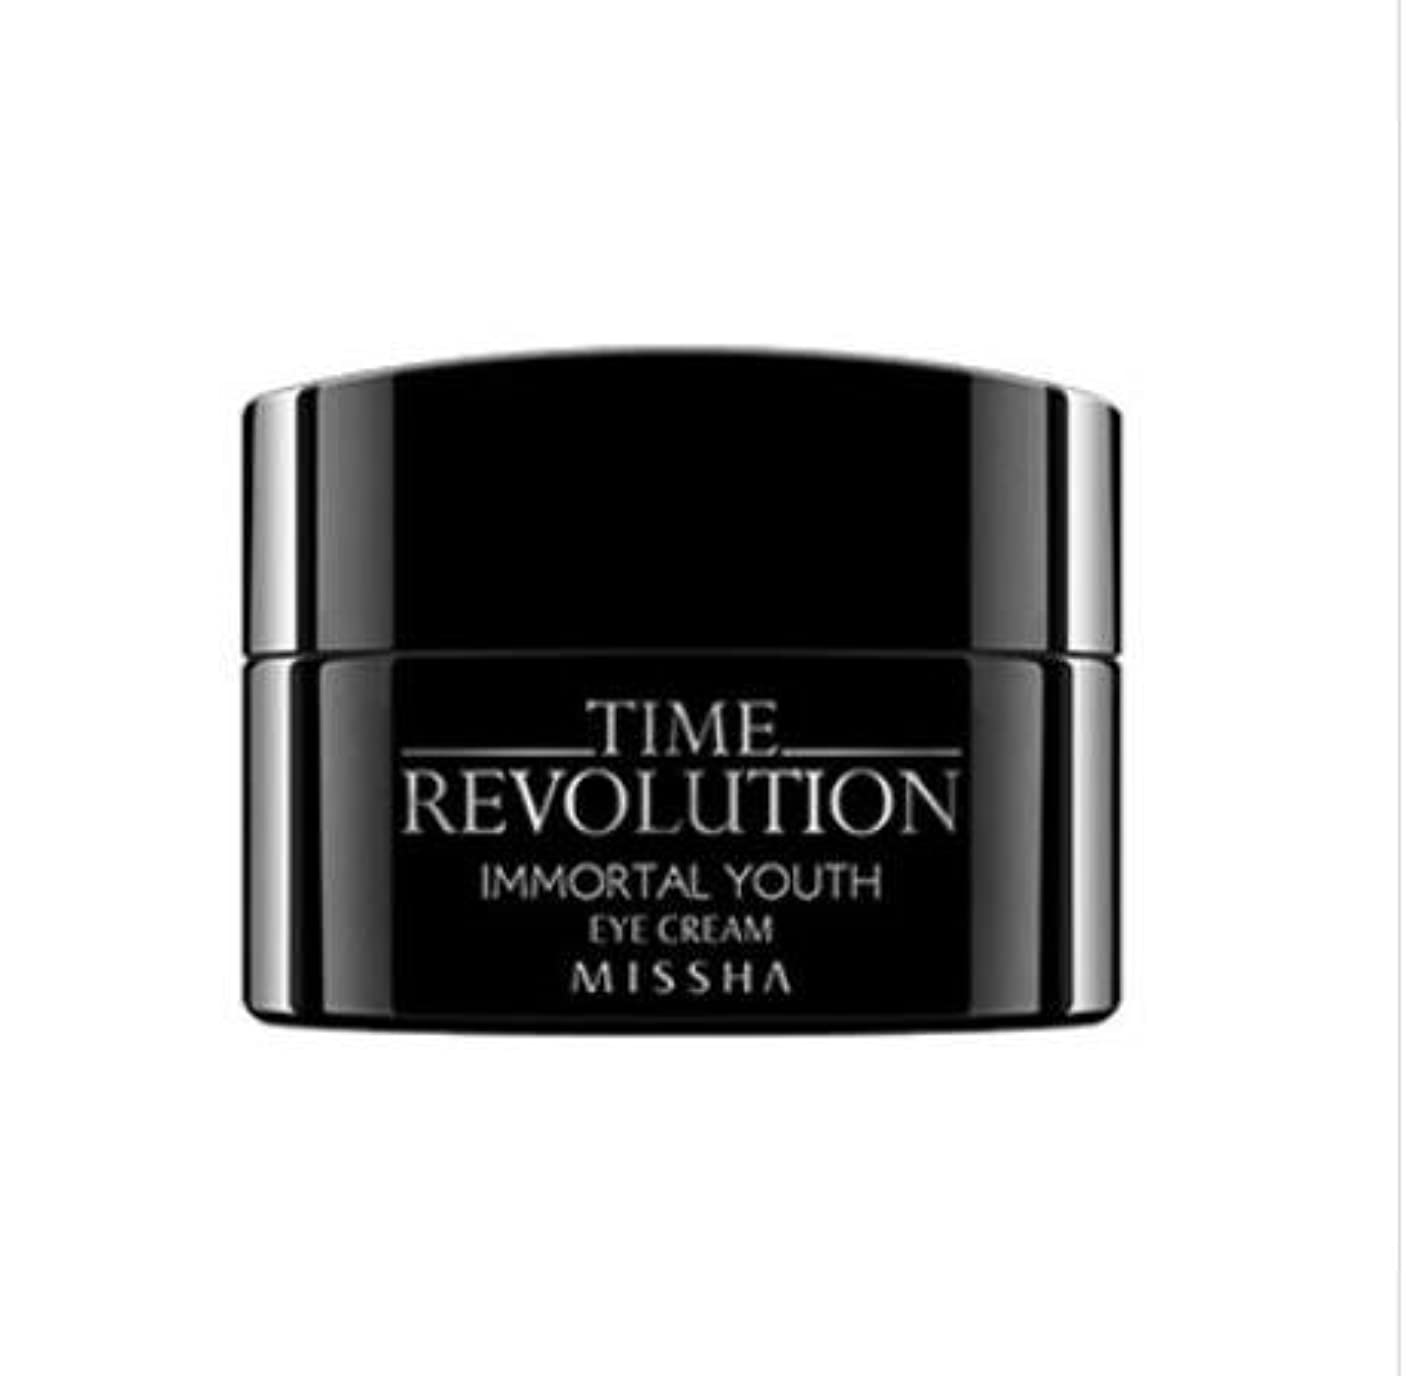 アレルギー性衣服容疑者[ミシャ] Missha [タイムレボリューション イモタルユース アイクリーム](MISSHA Time Revolution Immortal Youth Eye Cream) [並行輸入品]